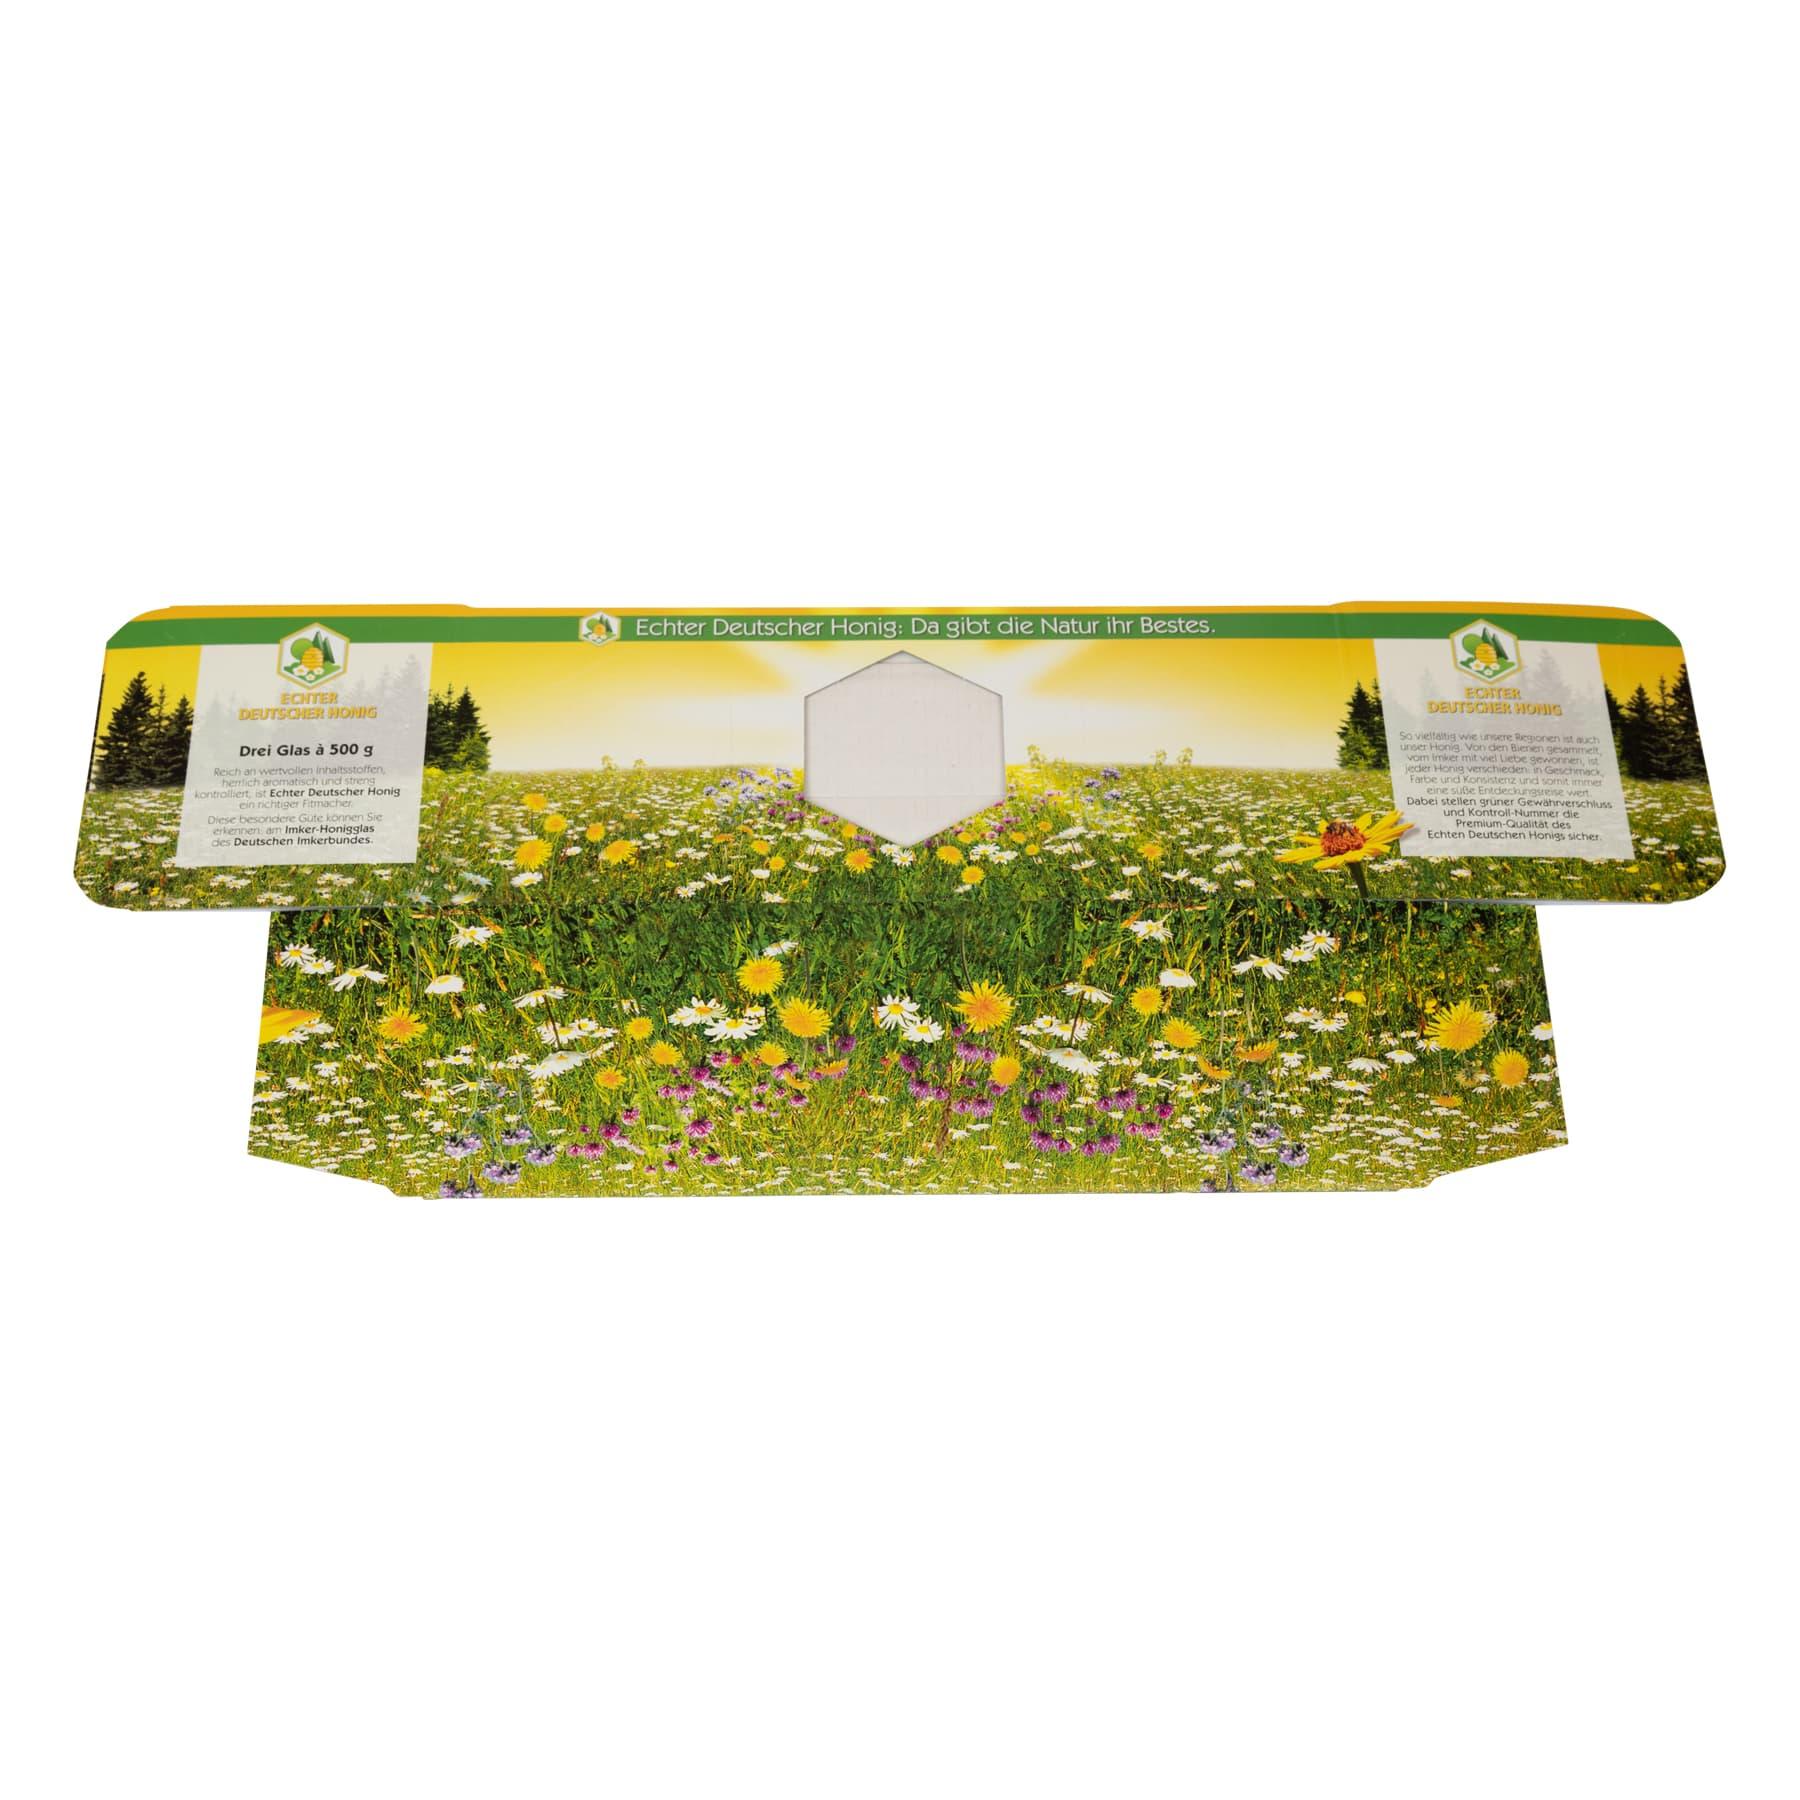 Kartonverpackung für 3 x 500 g Honigglas DIB